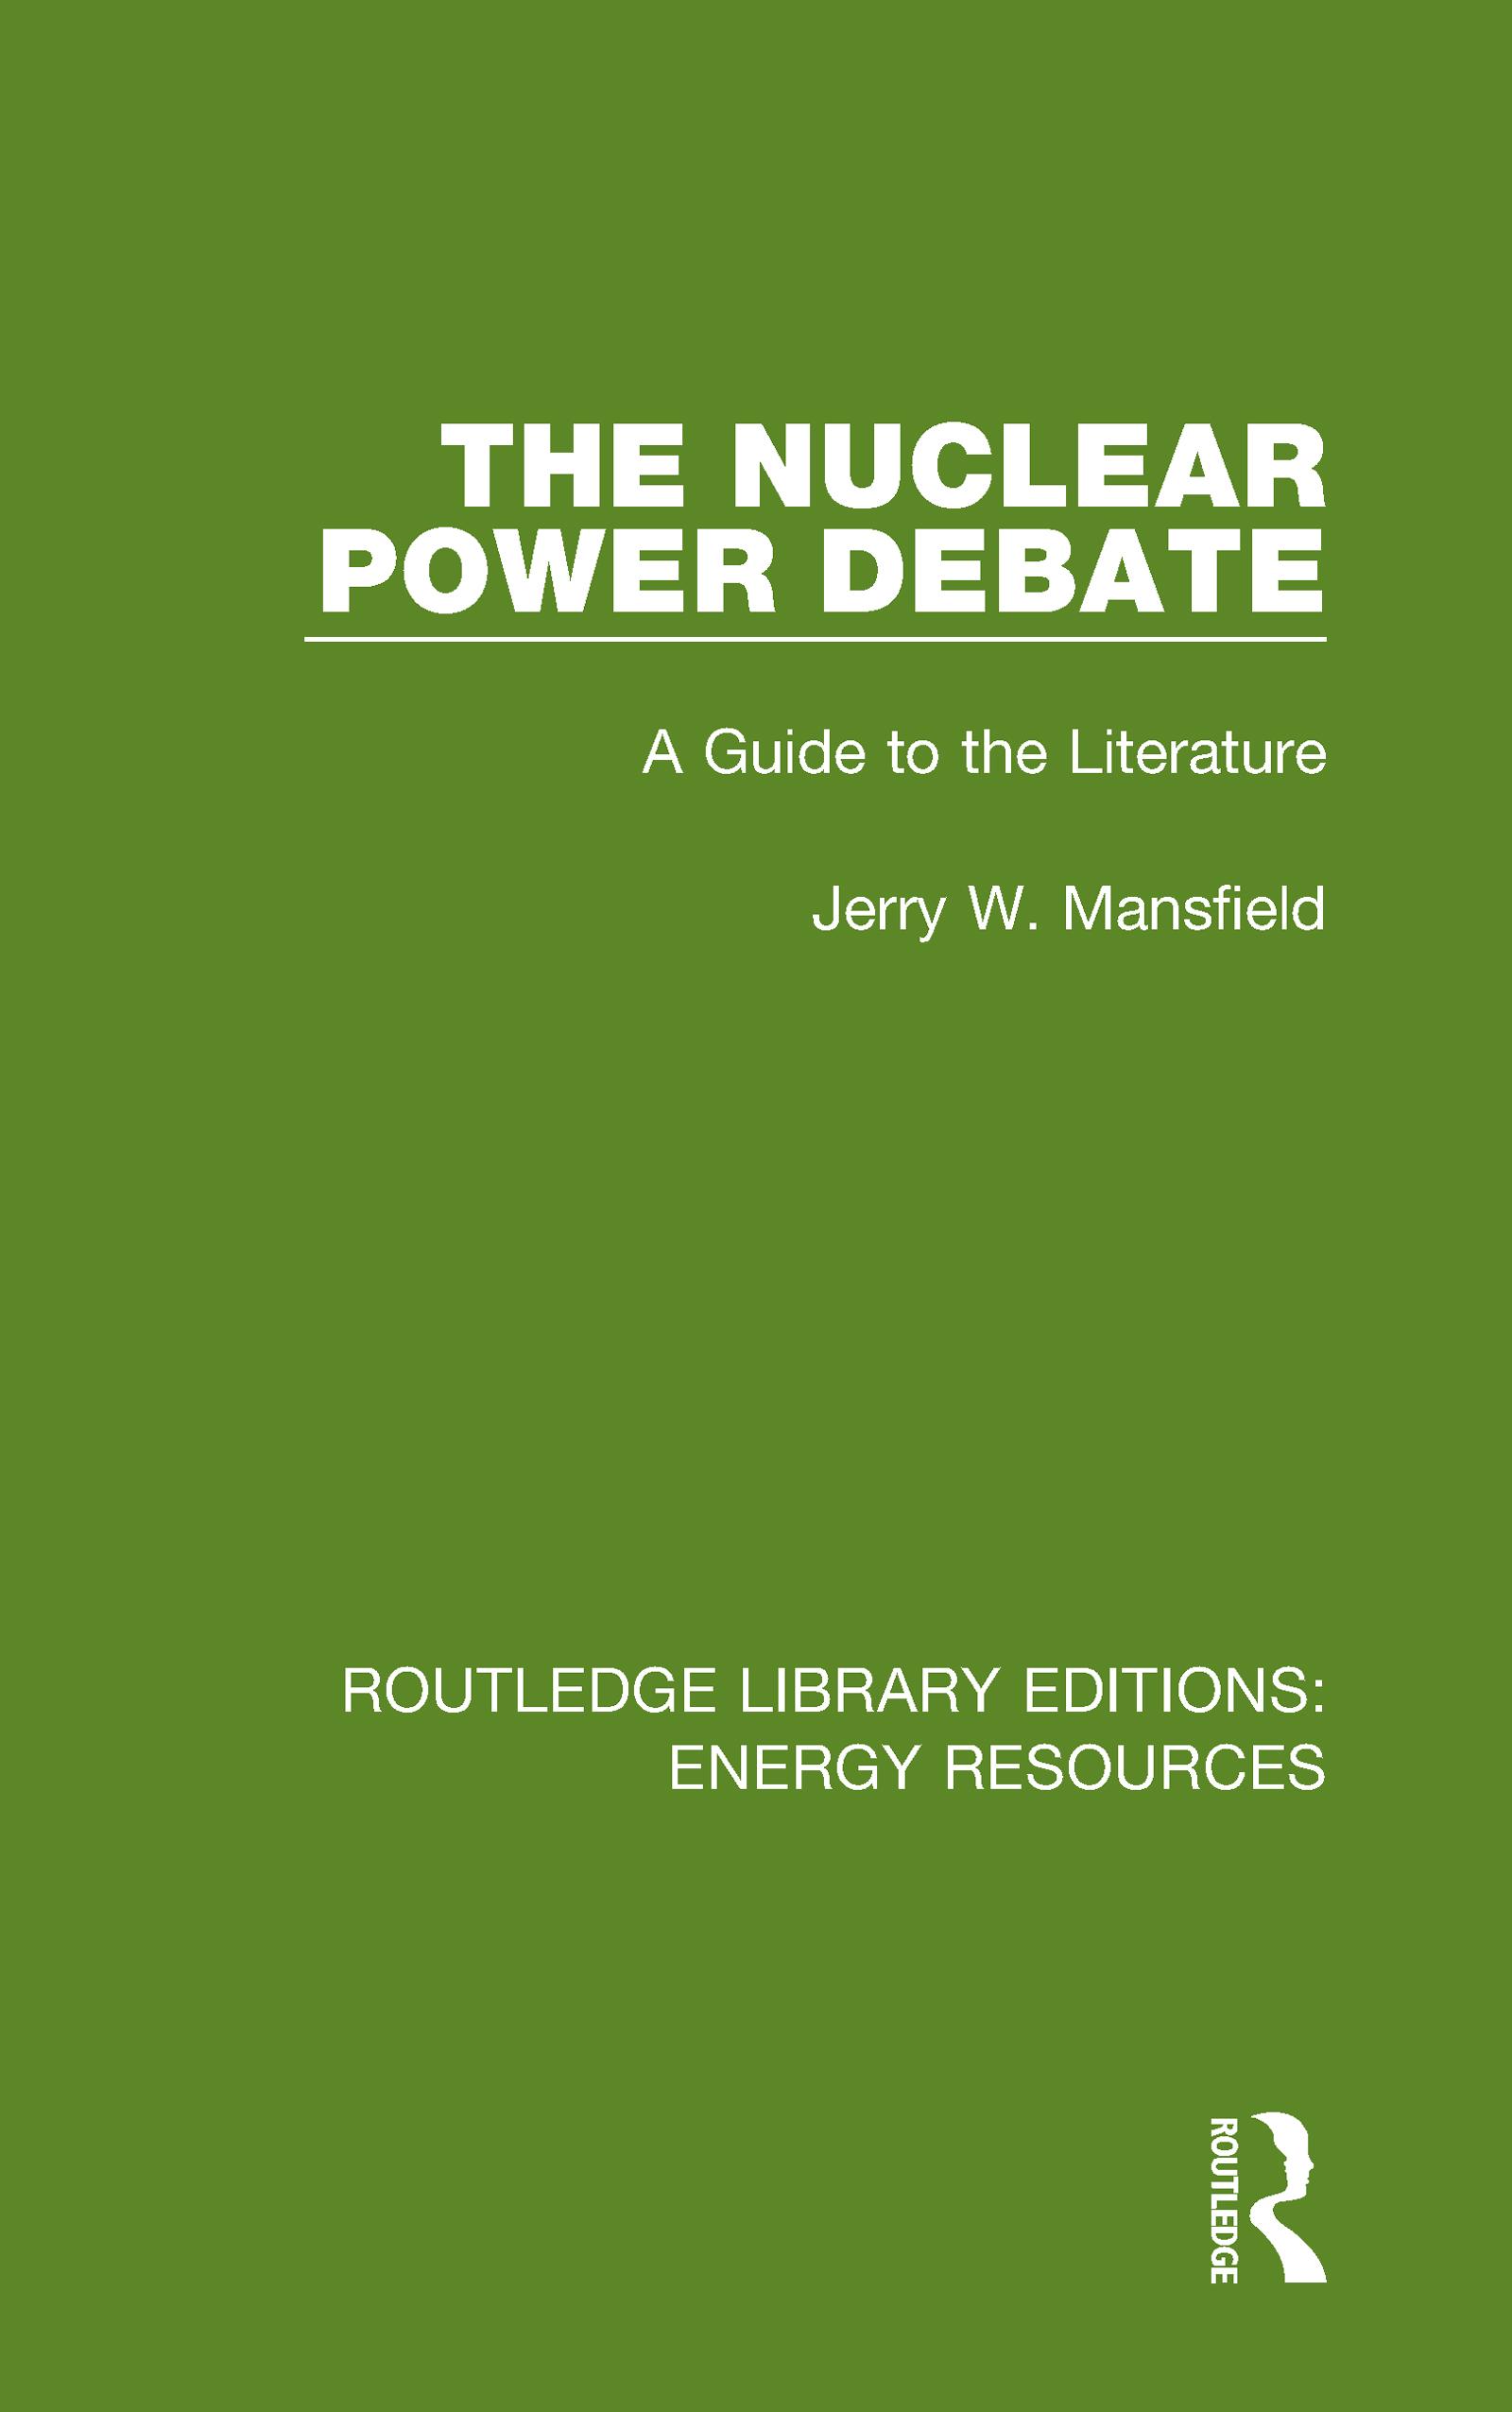 The Nuclear Power Debate